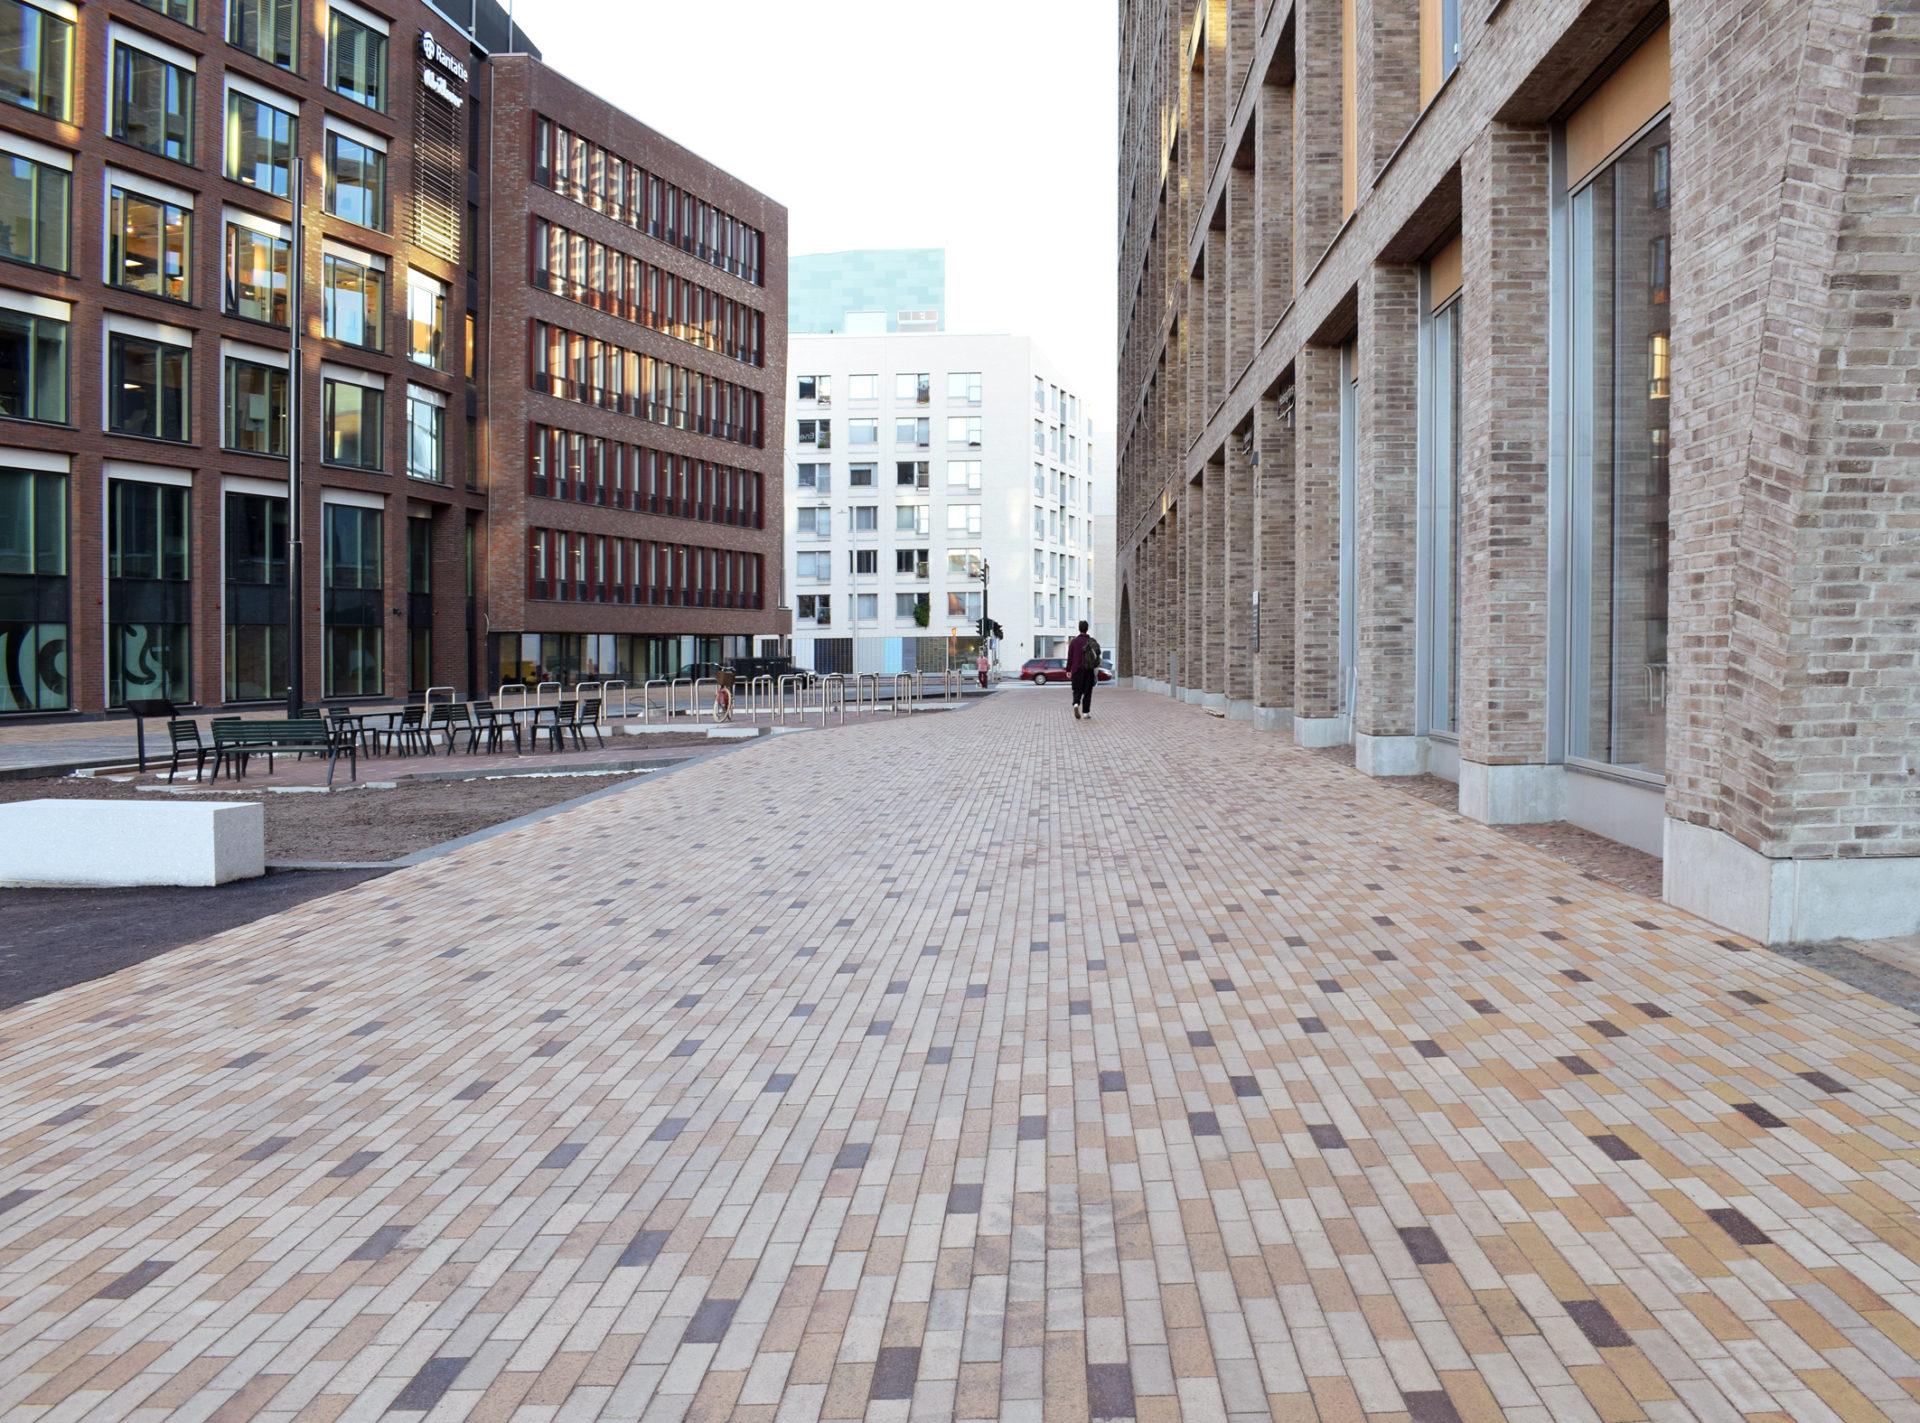 Kaupunkiympäristötalon pihaa koristaa tyylikkäät maatiilet